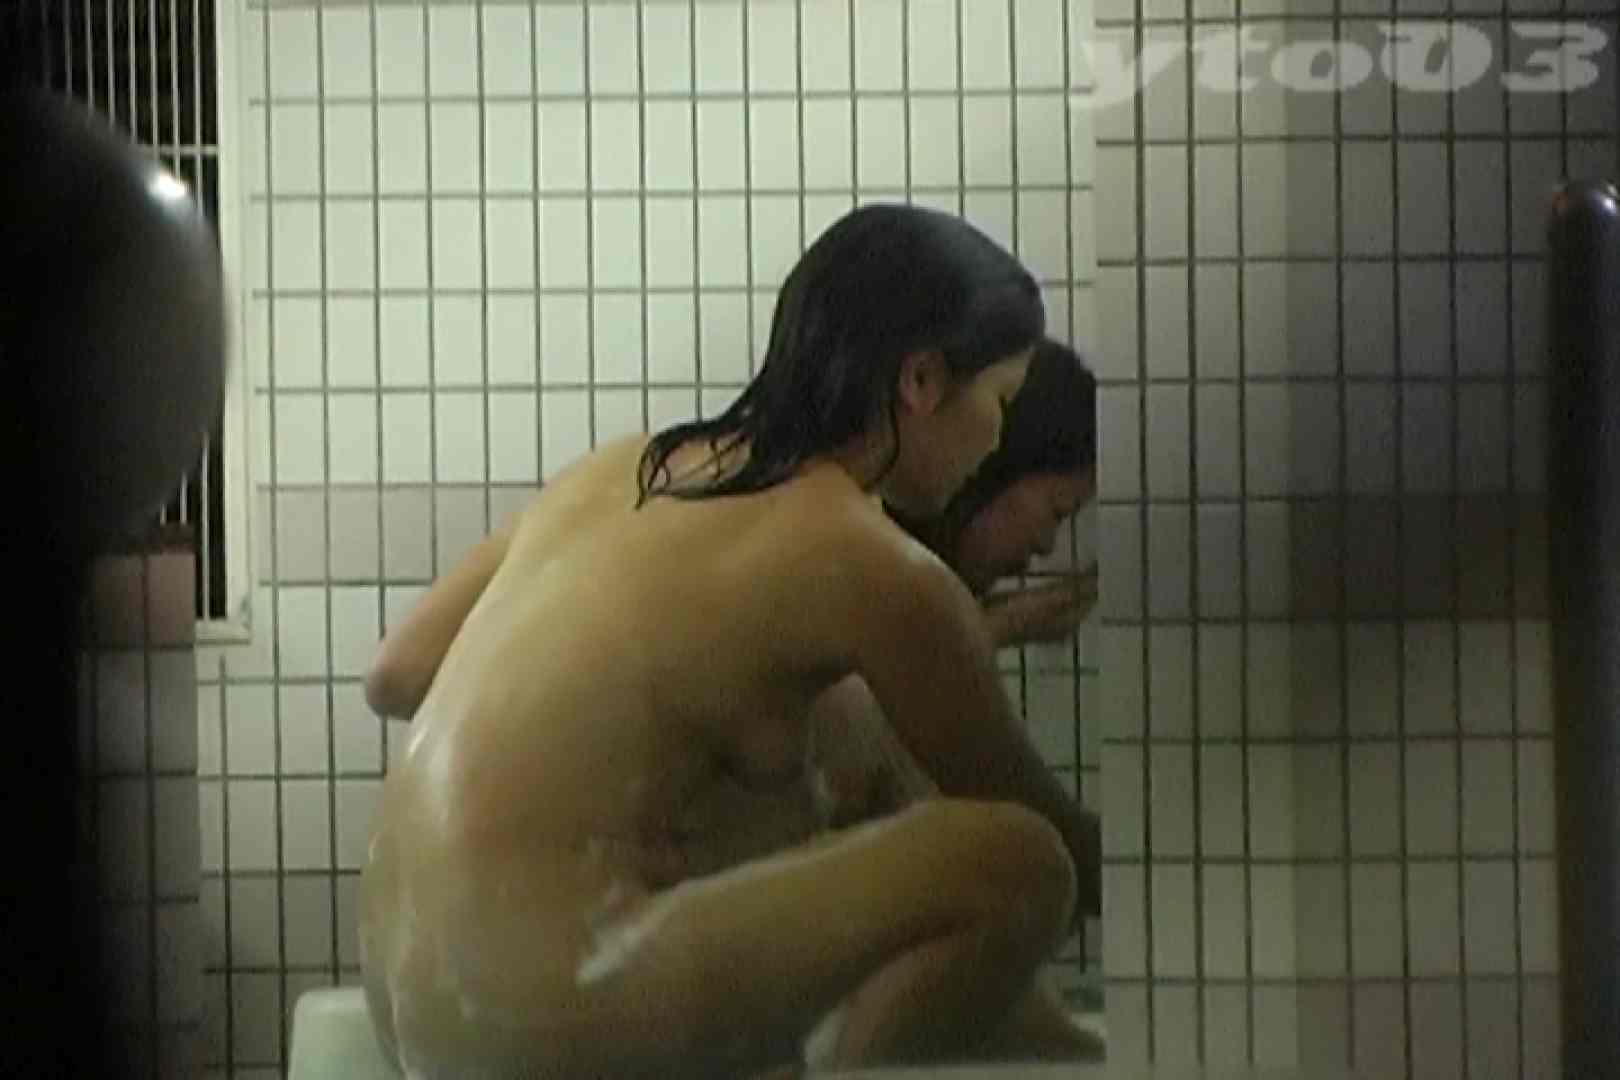 【期間限定配信】合宿ホテル女風呂盗撮 Vol.16 女湯 すけべAV動画紹介 85画像 84